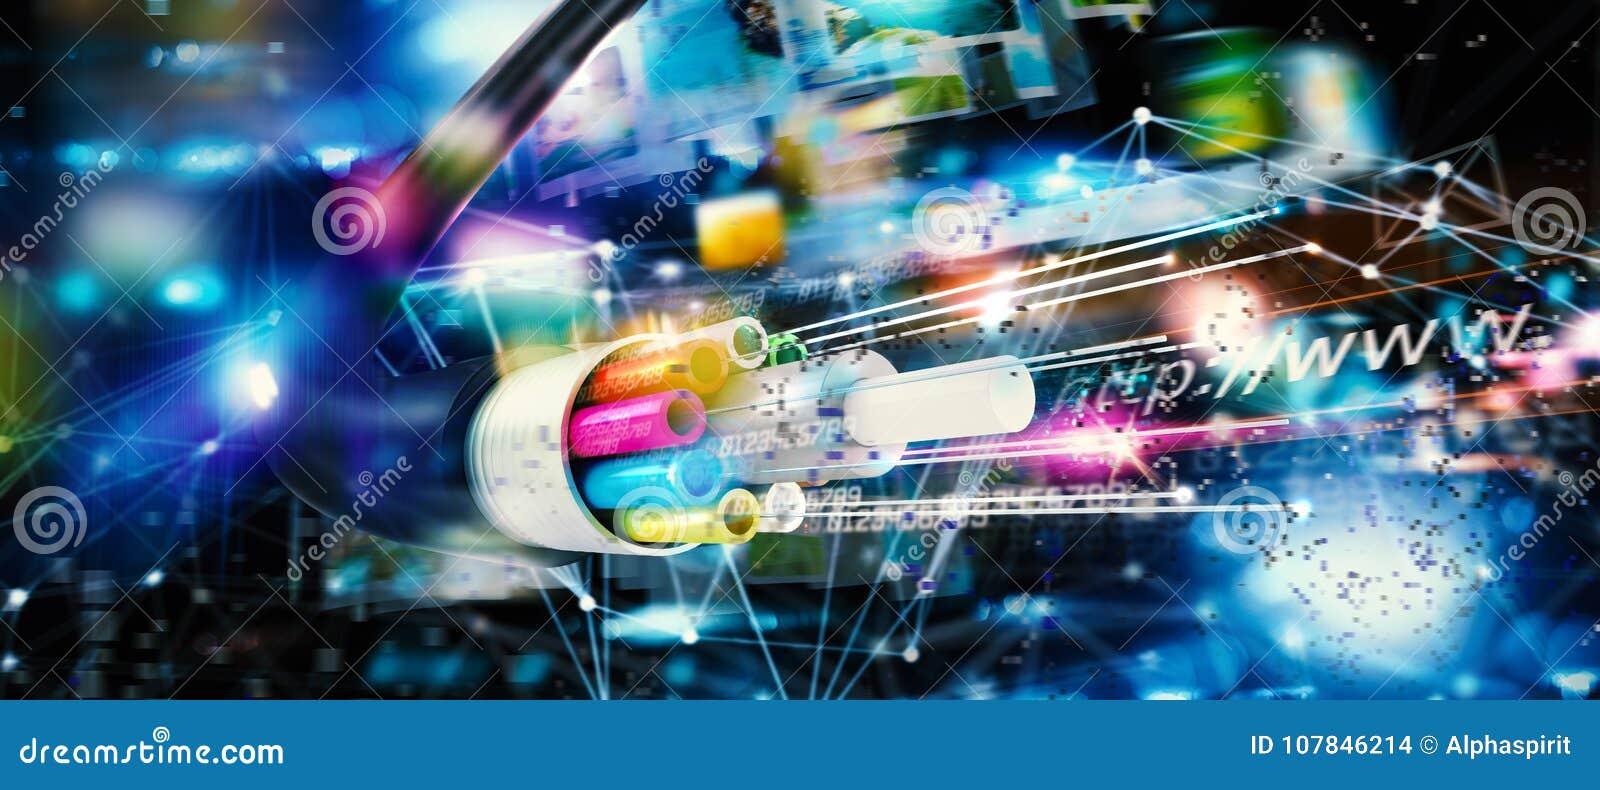 002031b9f36c7 Connexion Internet Rapide Avec La Fibre Optique Illustration Stock ...